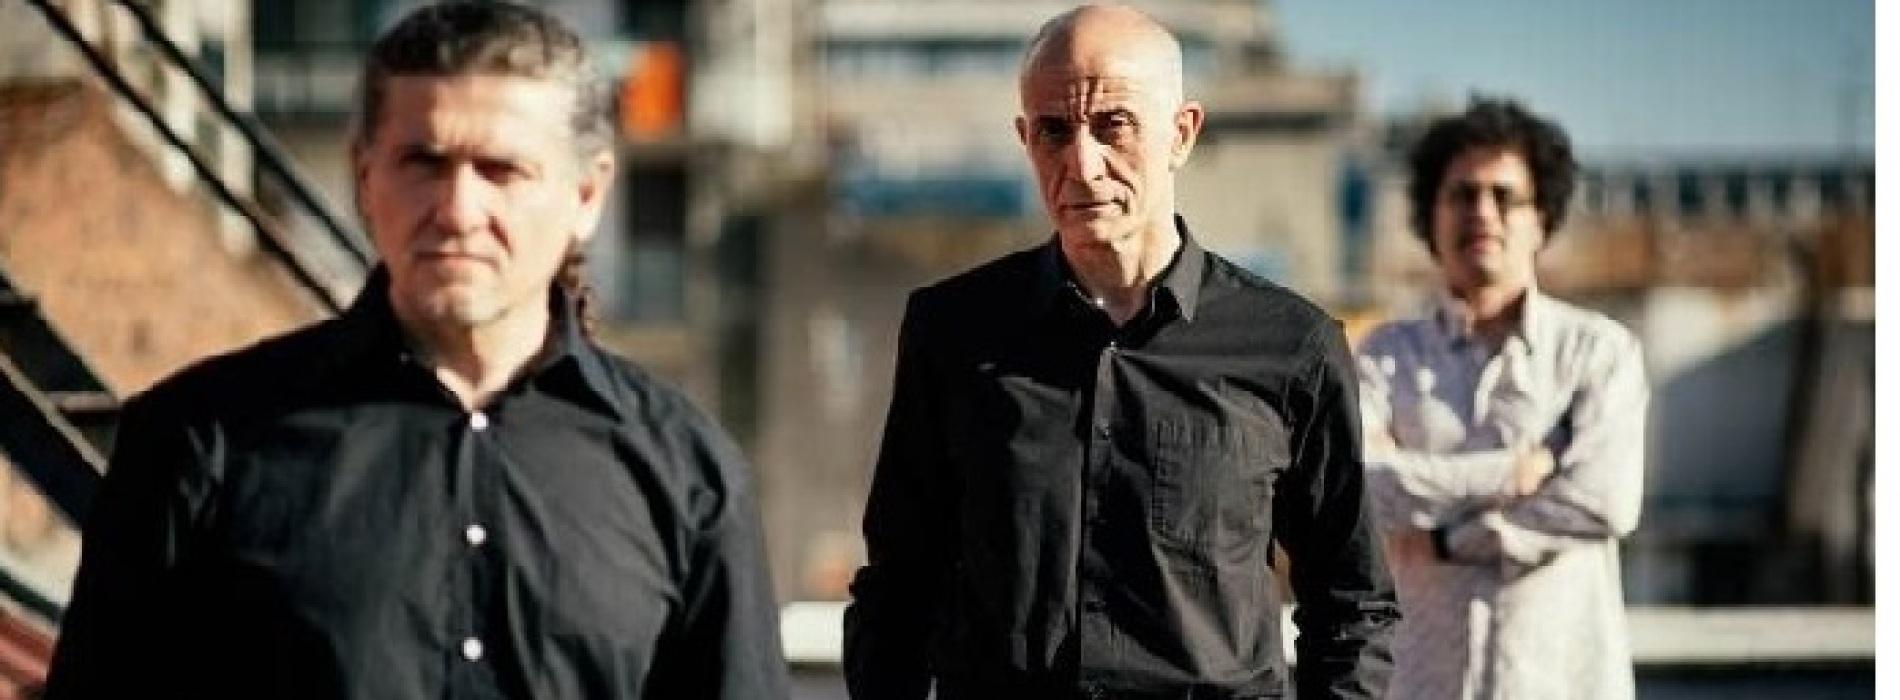 Il Dalla che verrà, Peppe Servillo & Friends al Teatro di Cortile